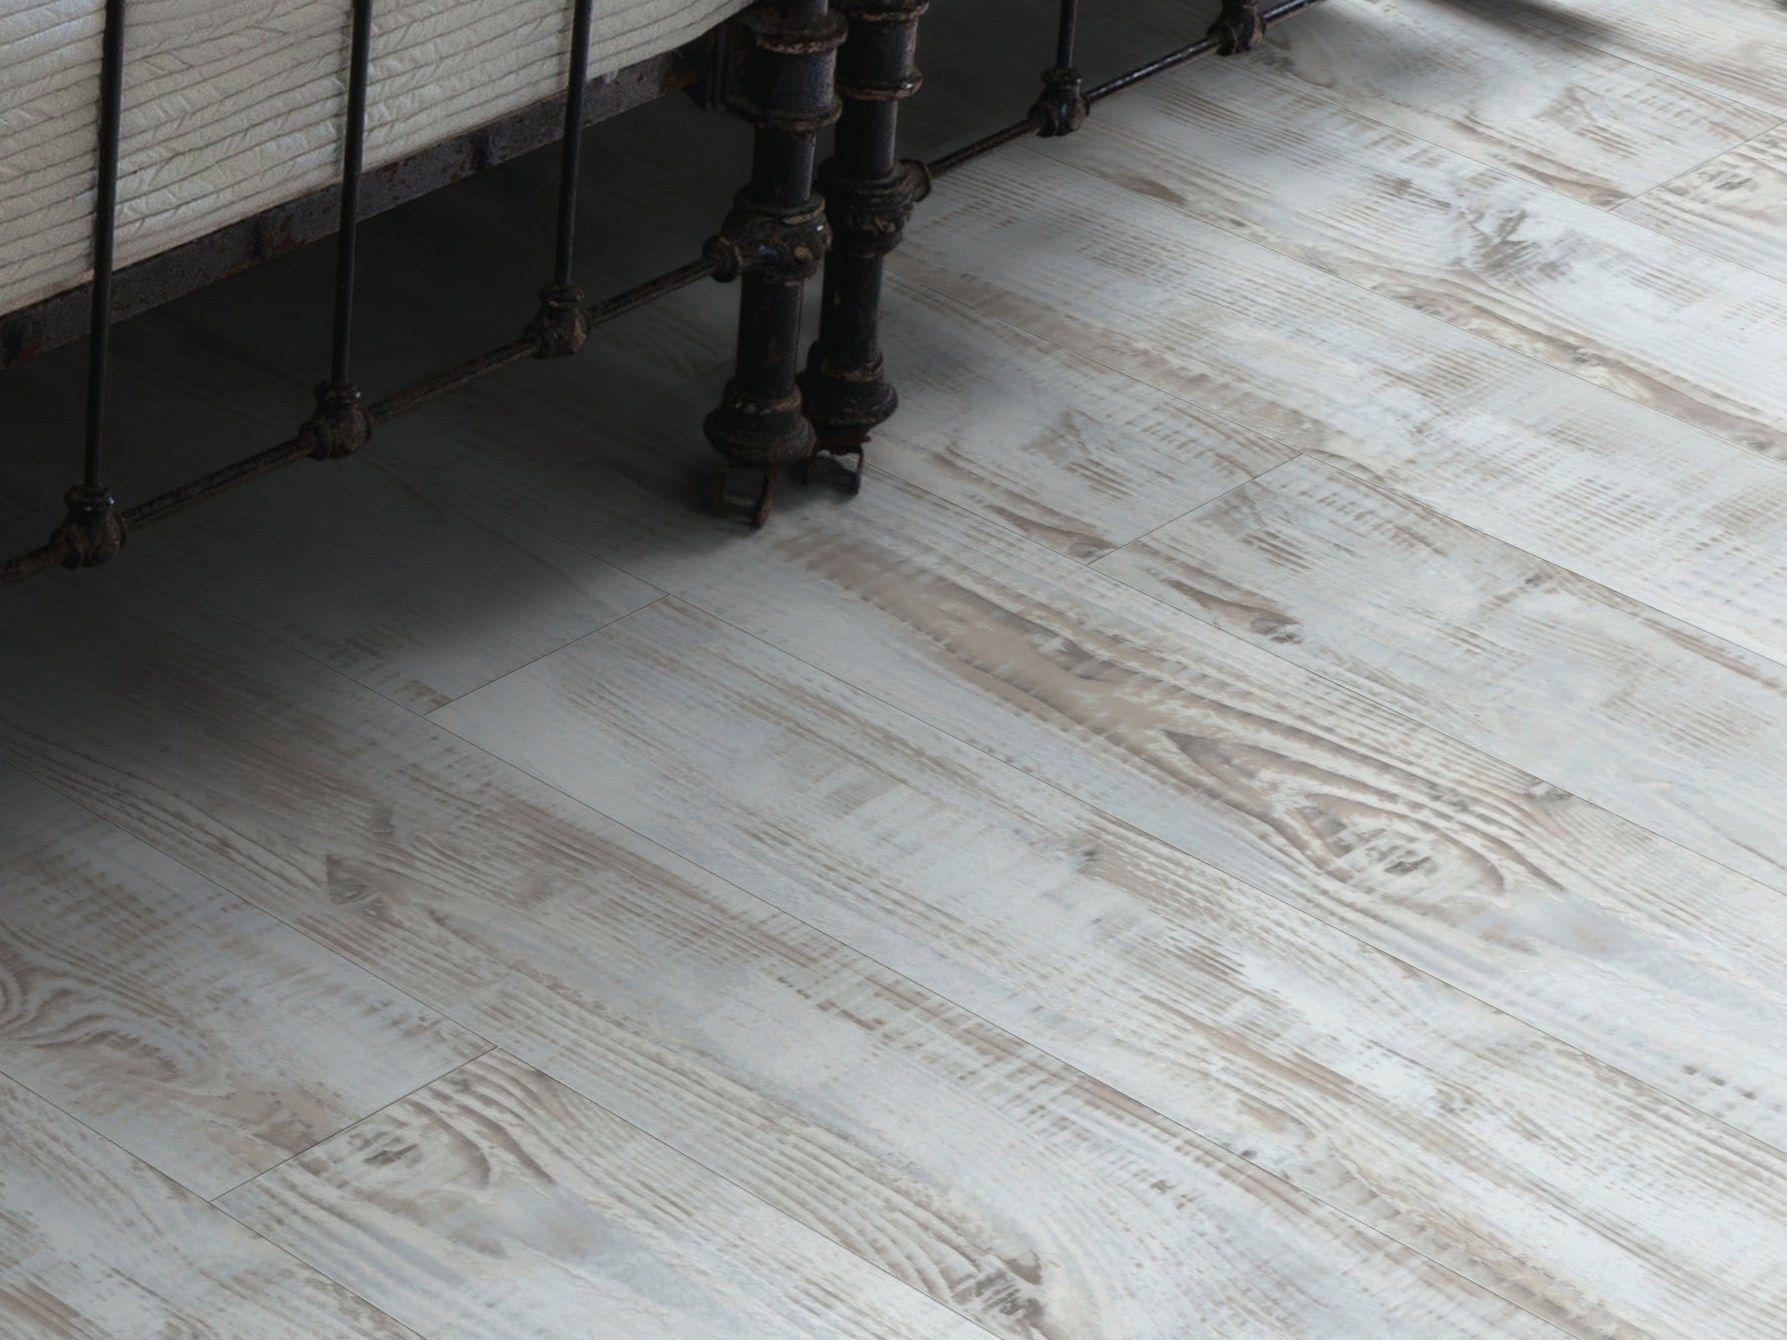 Revestimiento de suelo de material sint tico imitaci n - Suelo vinilico imitacion madera ...